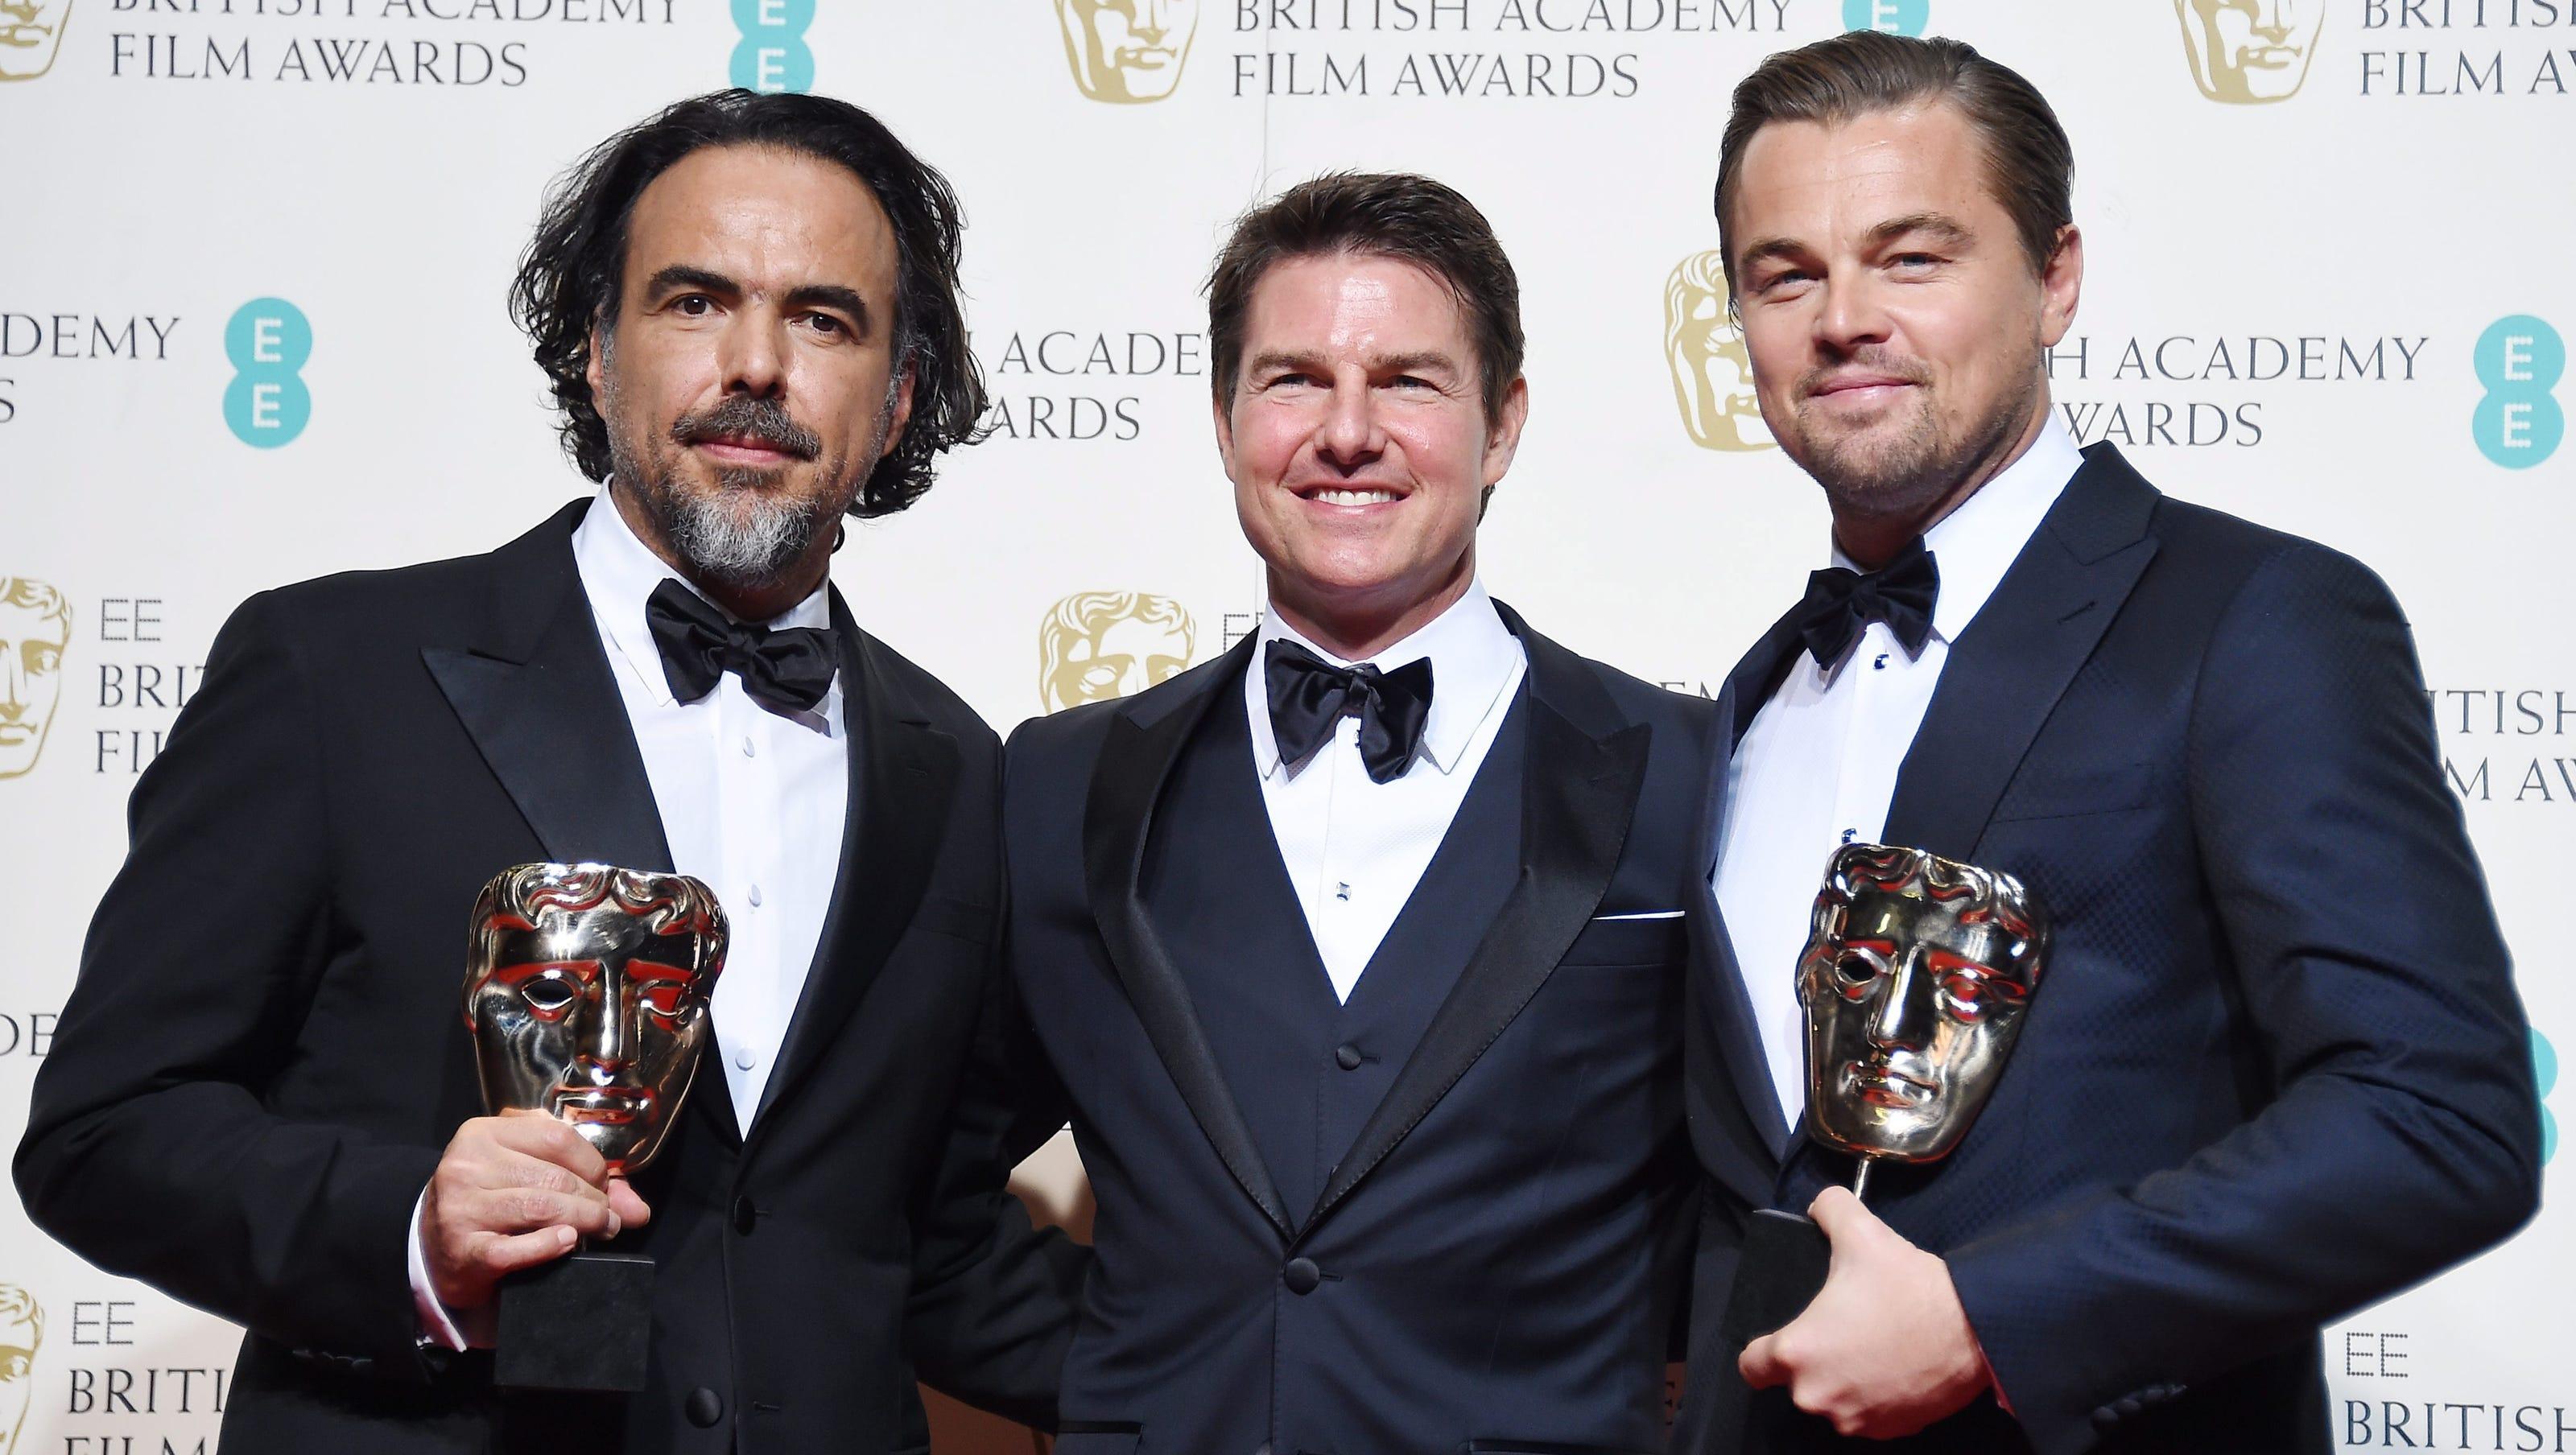 Bafta Awards: Photos: Stars Attend BAFTA Awards